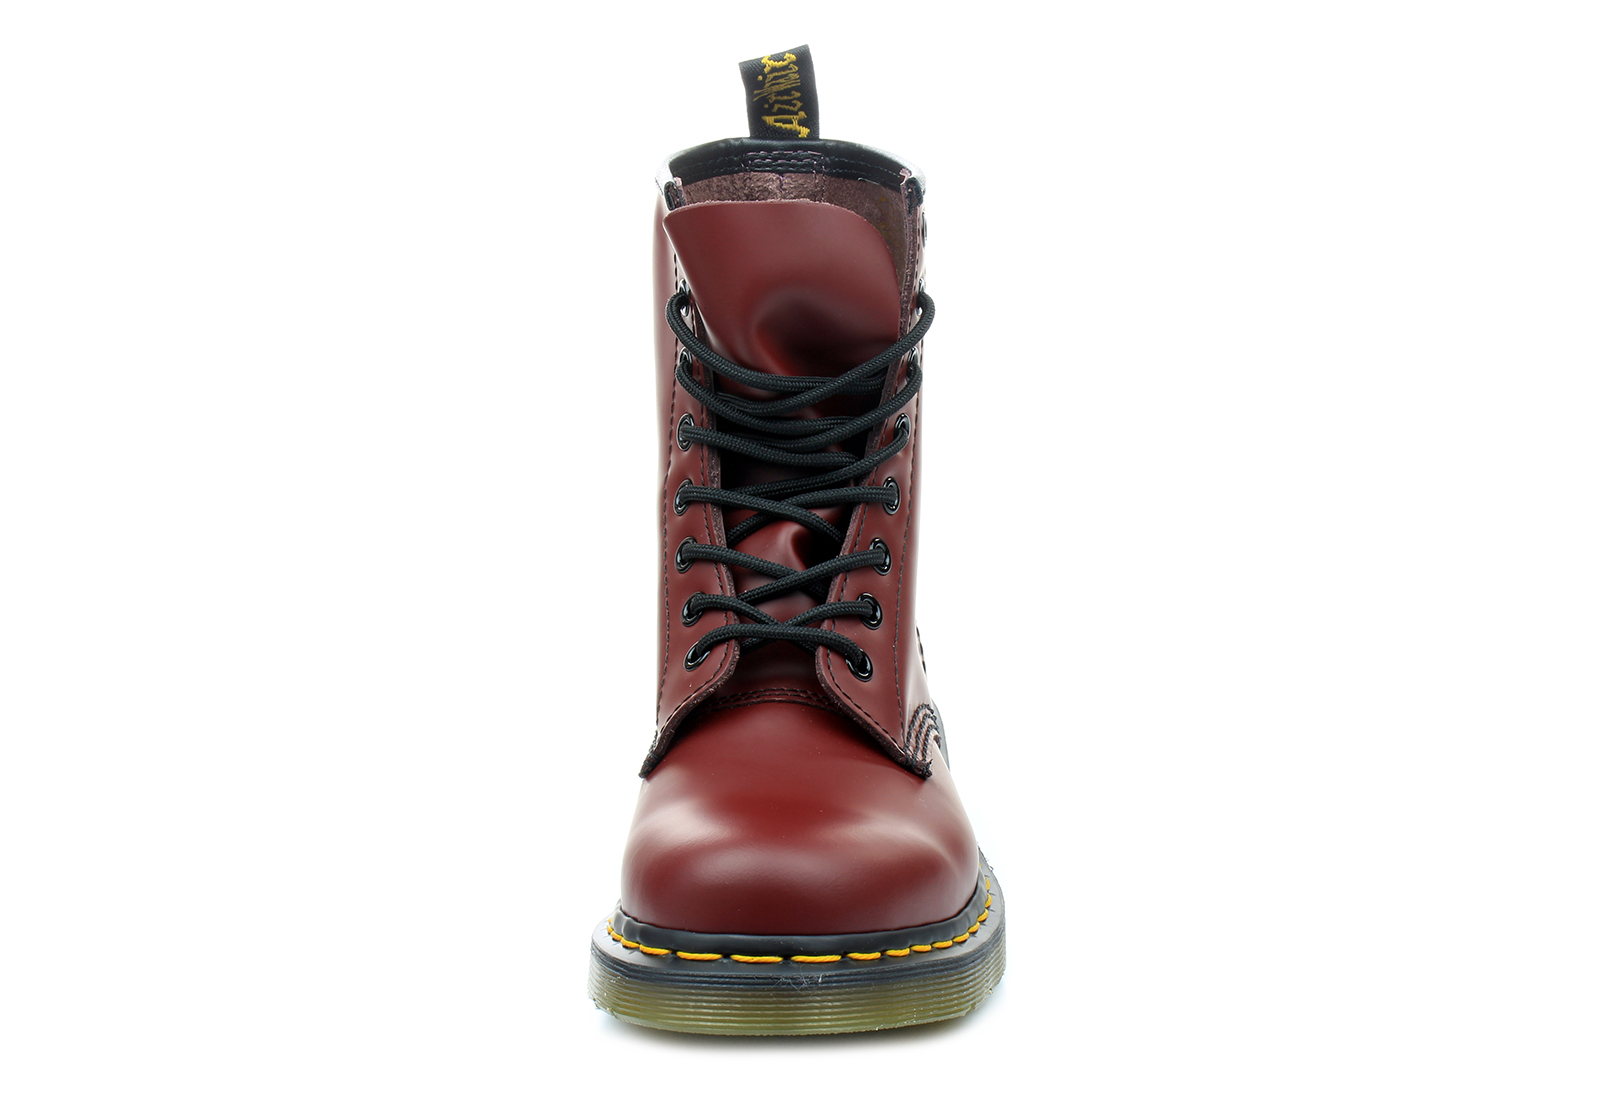 9c4edb0495cf Dr Martens Bakancs - 1460 - 8 Eye Boot - DM11821600 - Office Shoes ...